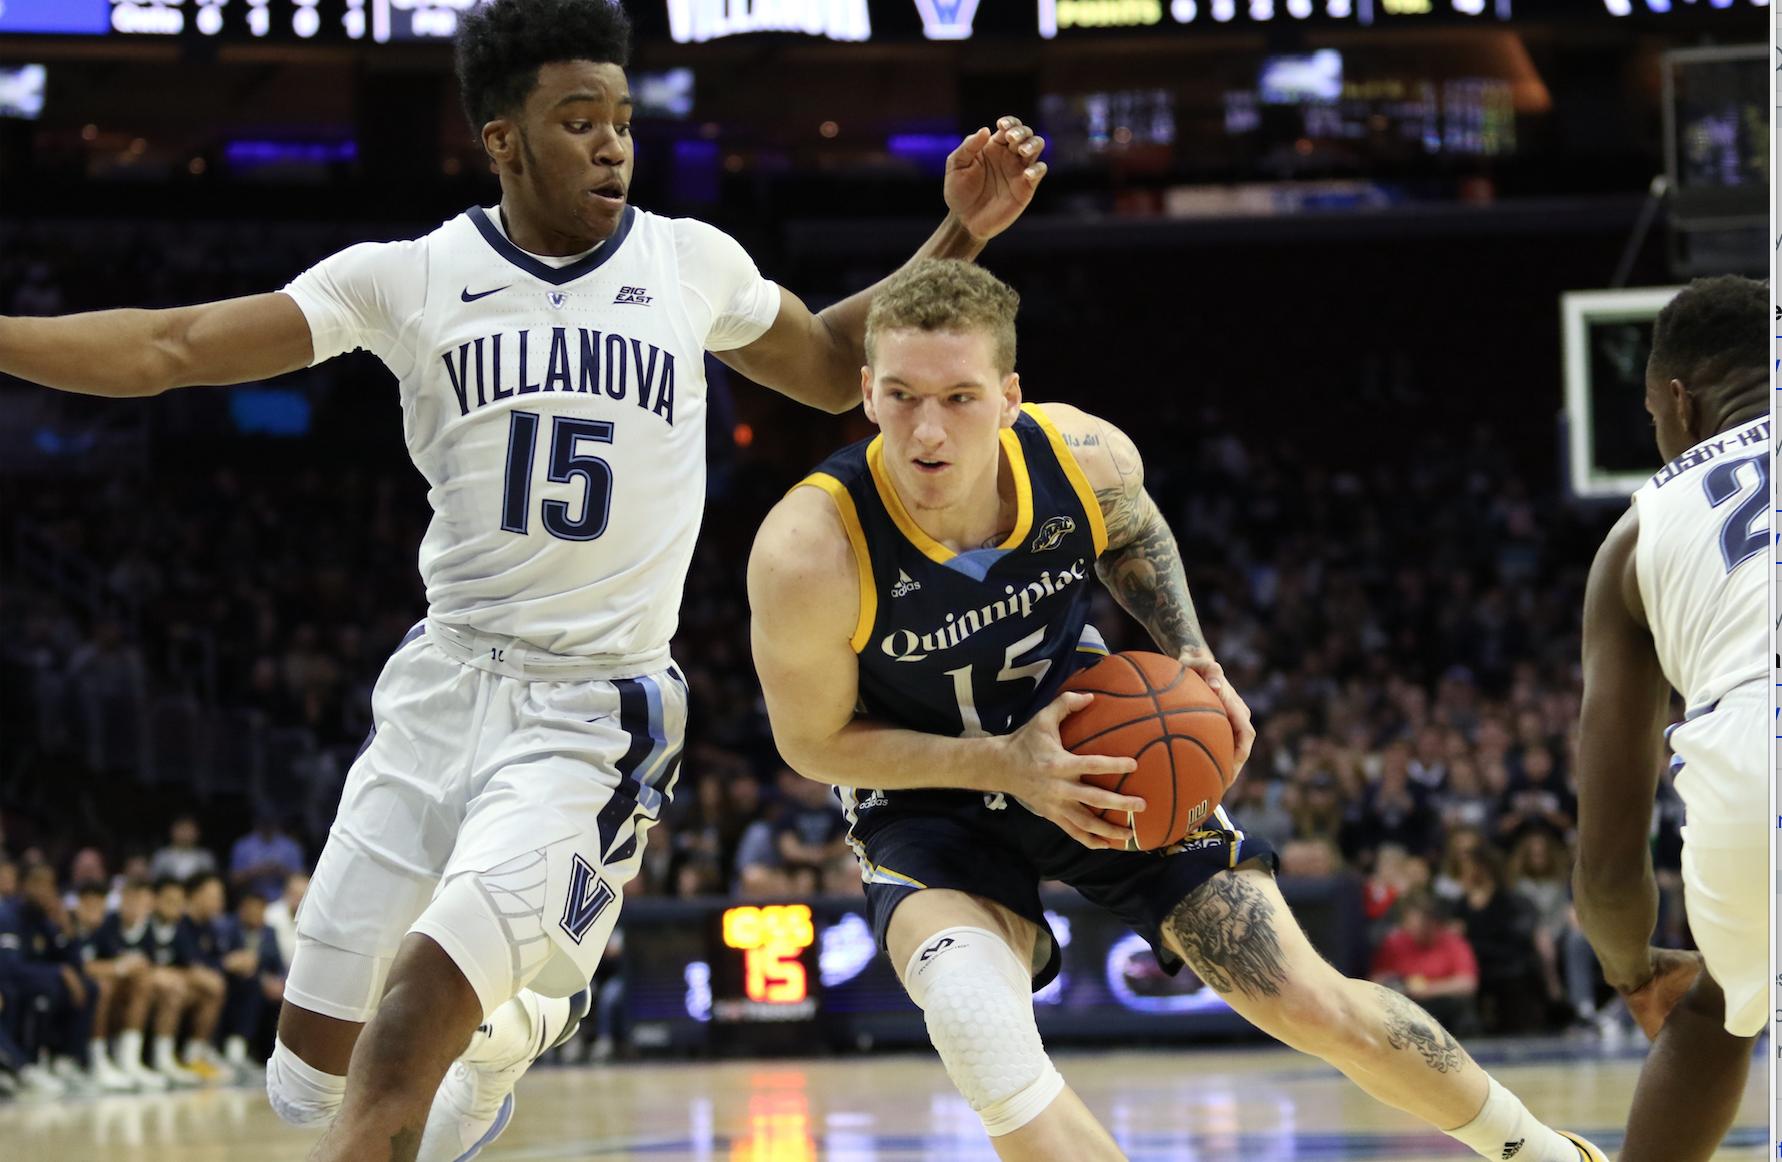 No. 9 Villanova handles Quinnipiac men's basketball, 86-53